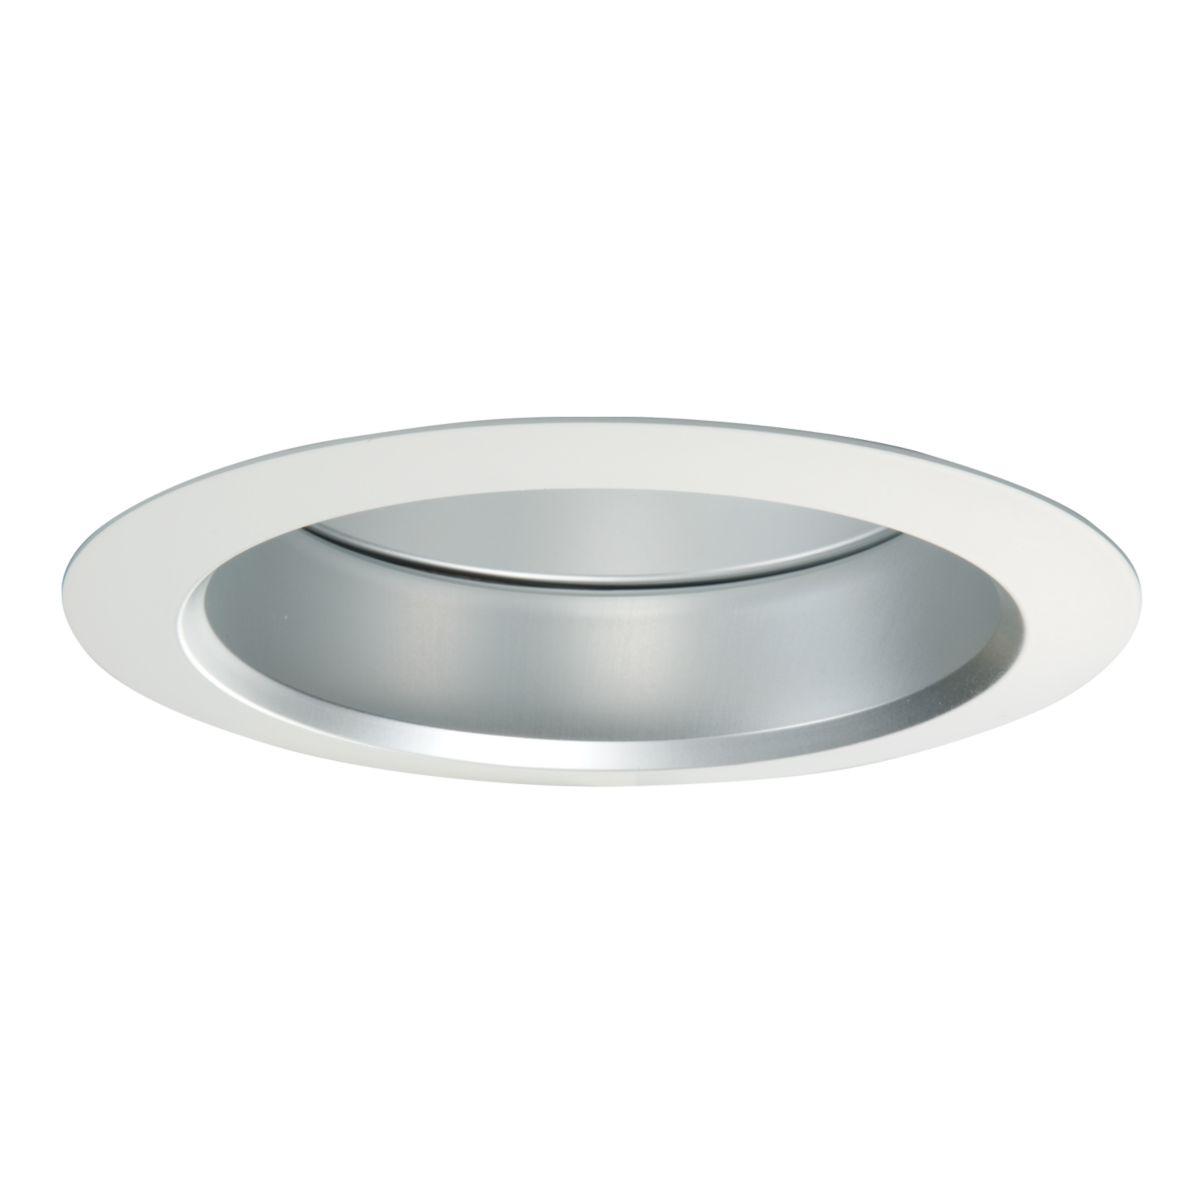 30 Super Trim AIR-TITE® Reflector